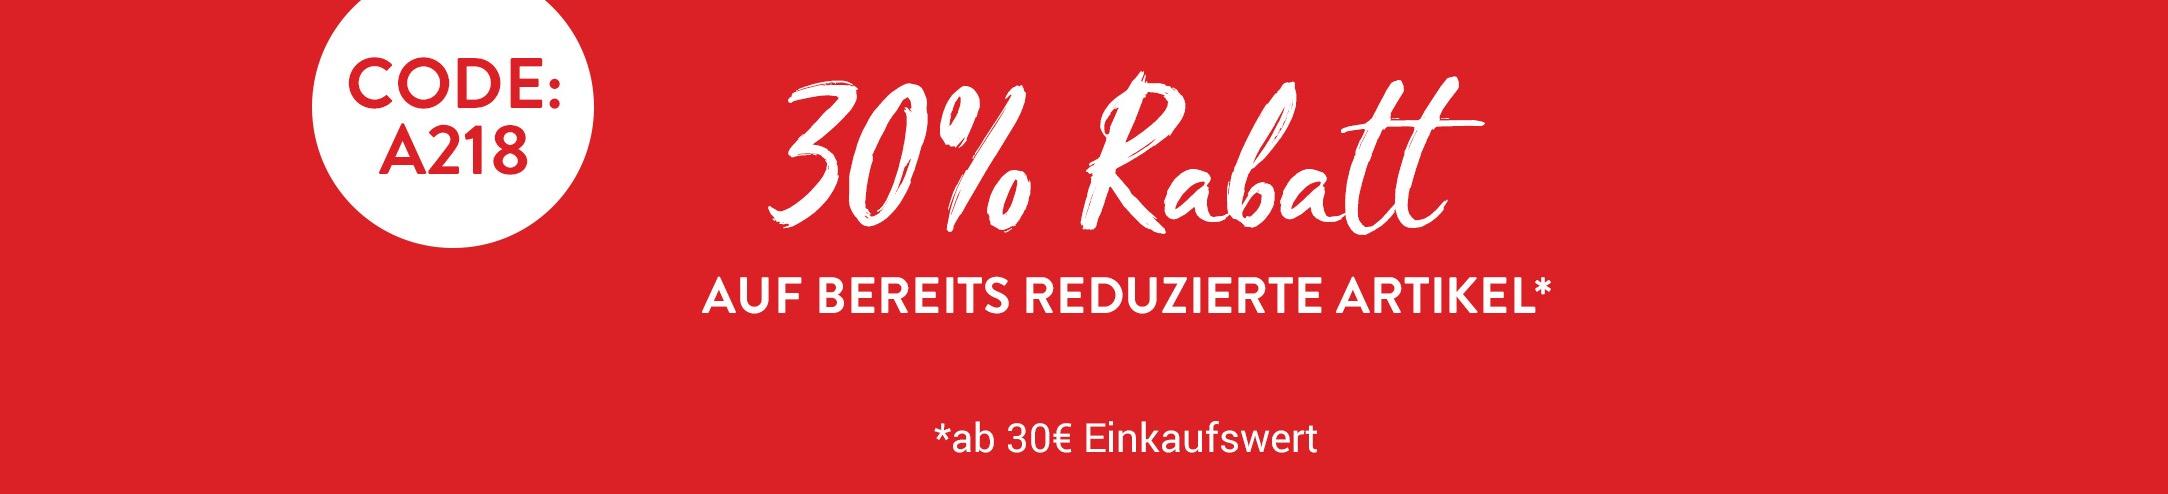 Adler Rabatt Guthaben In Euro